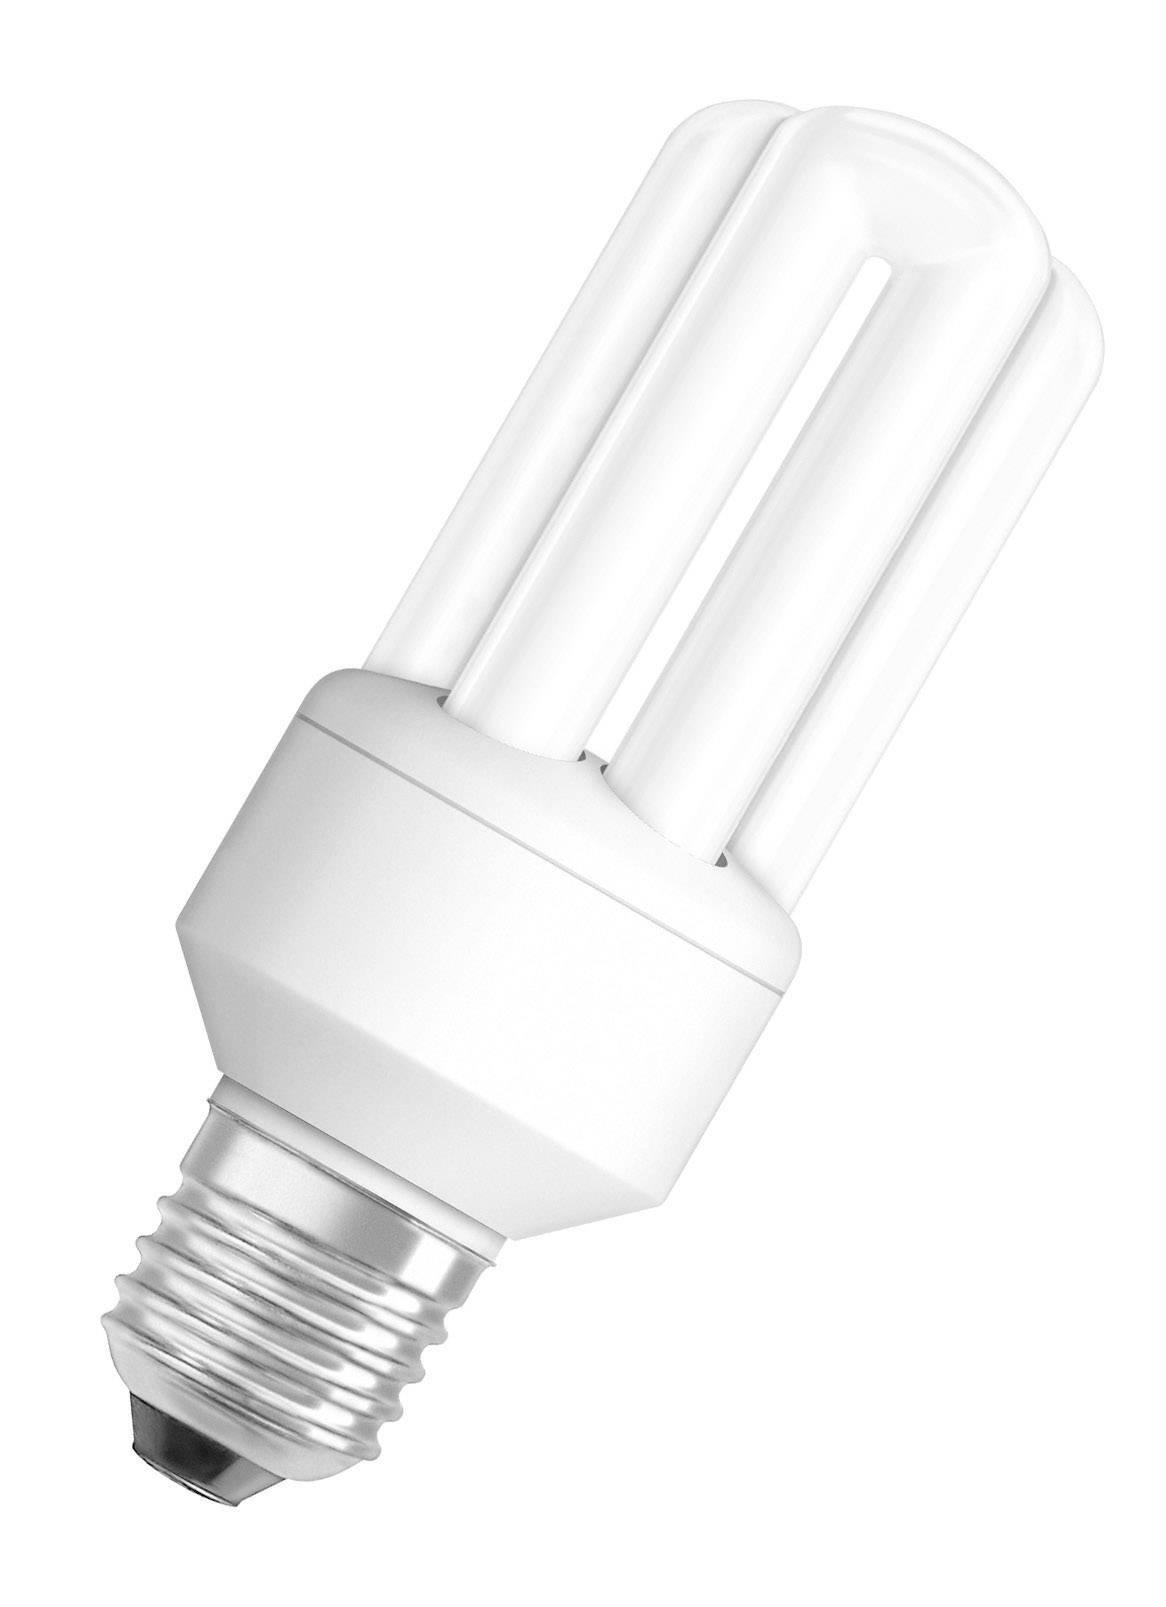 Úsporná žiarovka rúrková Osram Star E27, 11 W, teplá biela